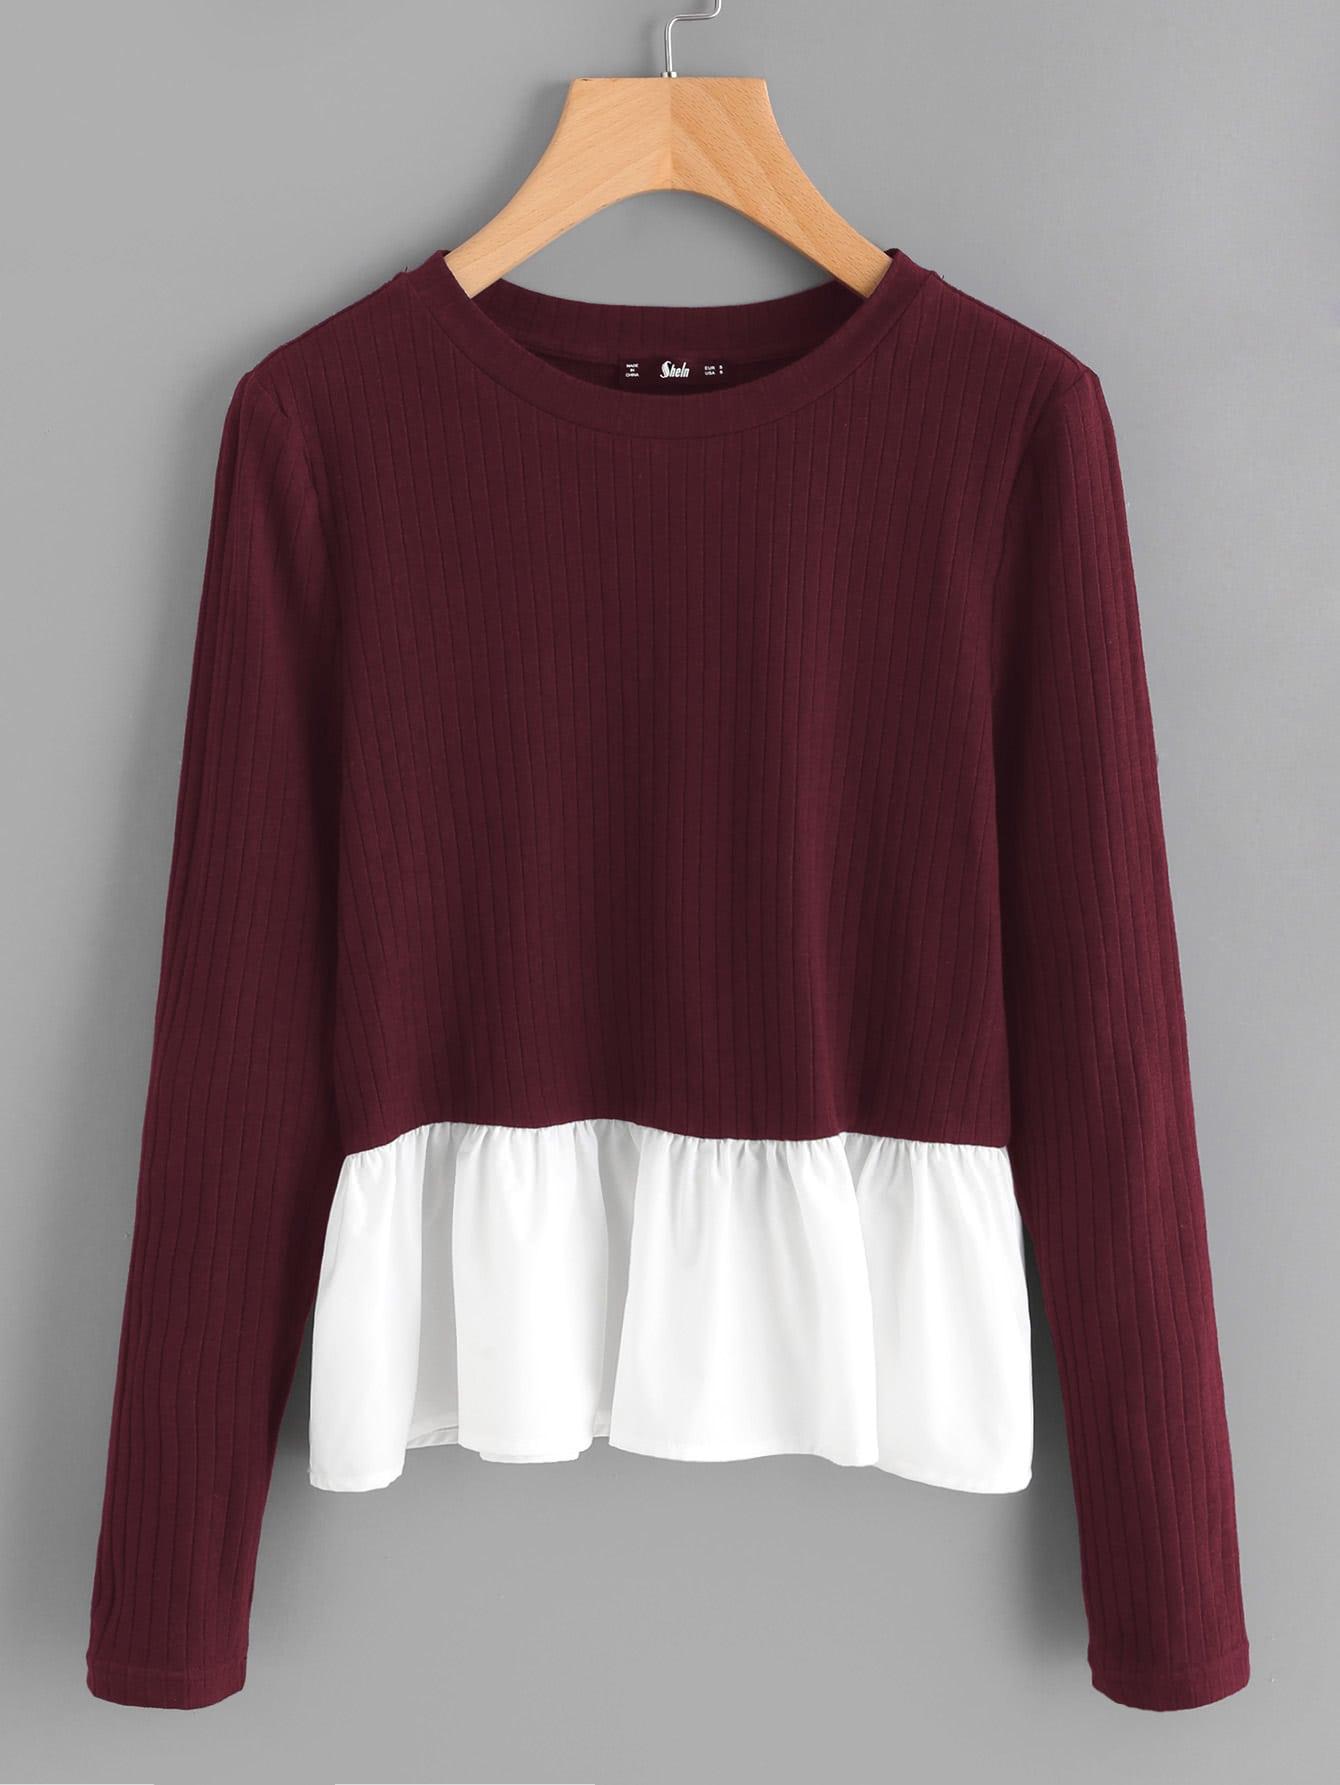 Contrast Frill Trim Rib Knit T-shirt tee170906705